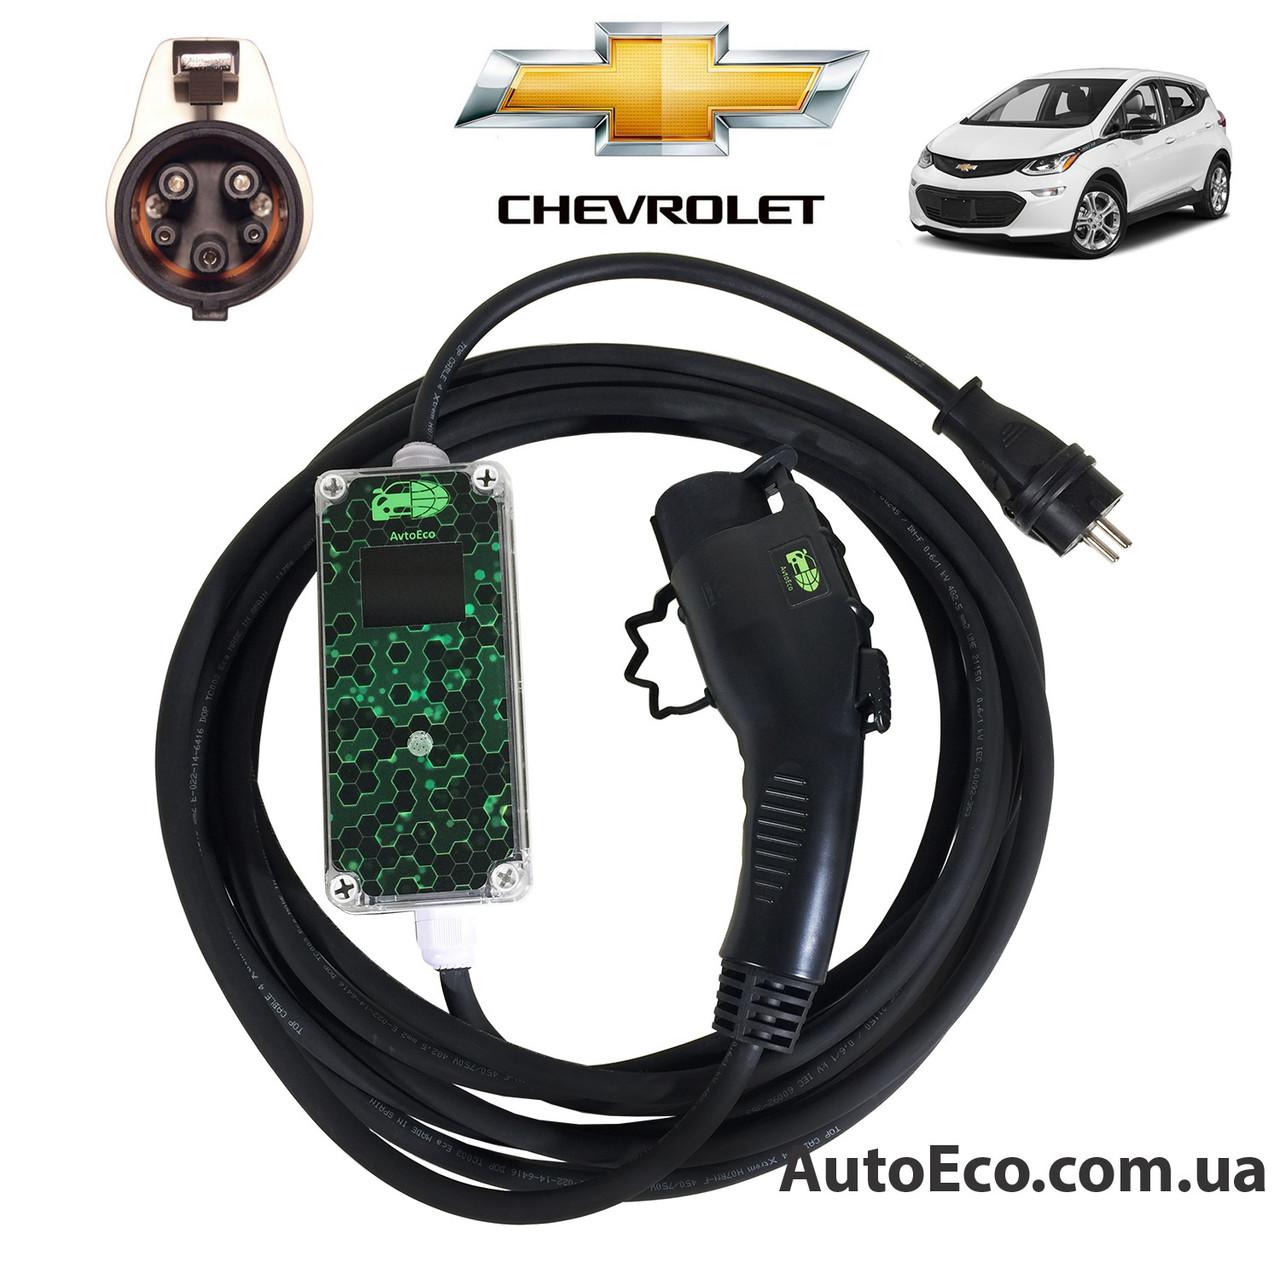 Зарядное устройство для электромобиля Chevrolet Bolt AutoEco J1772 16A Wi-Fi